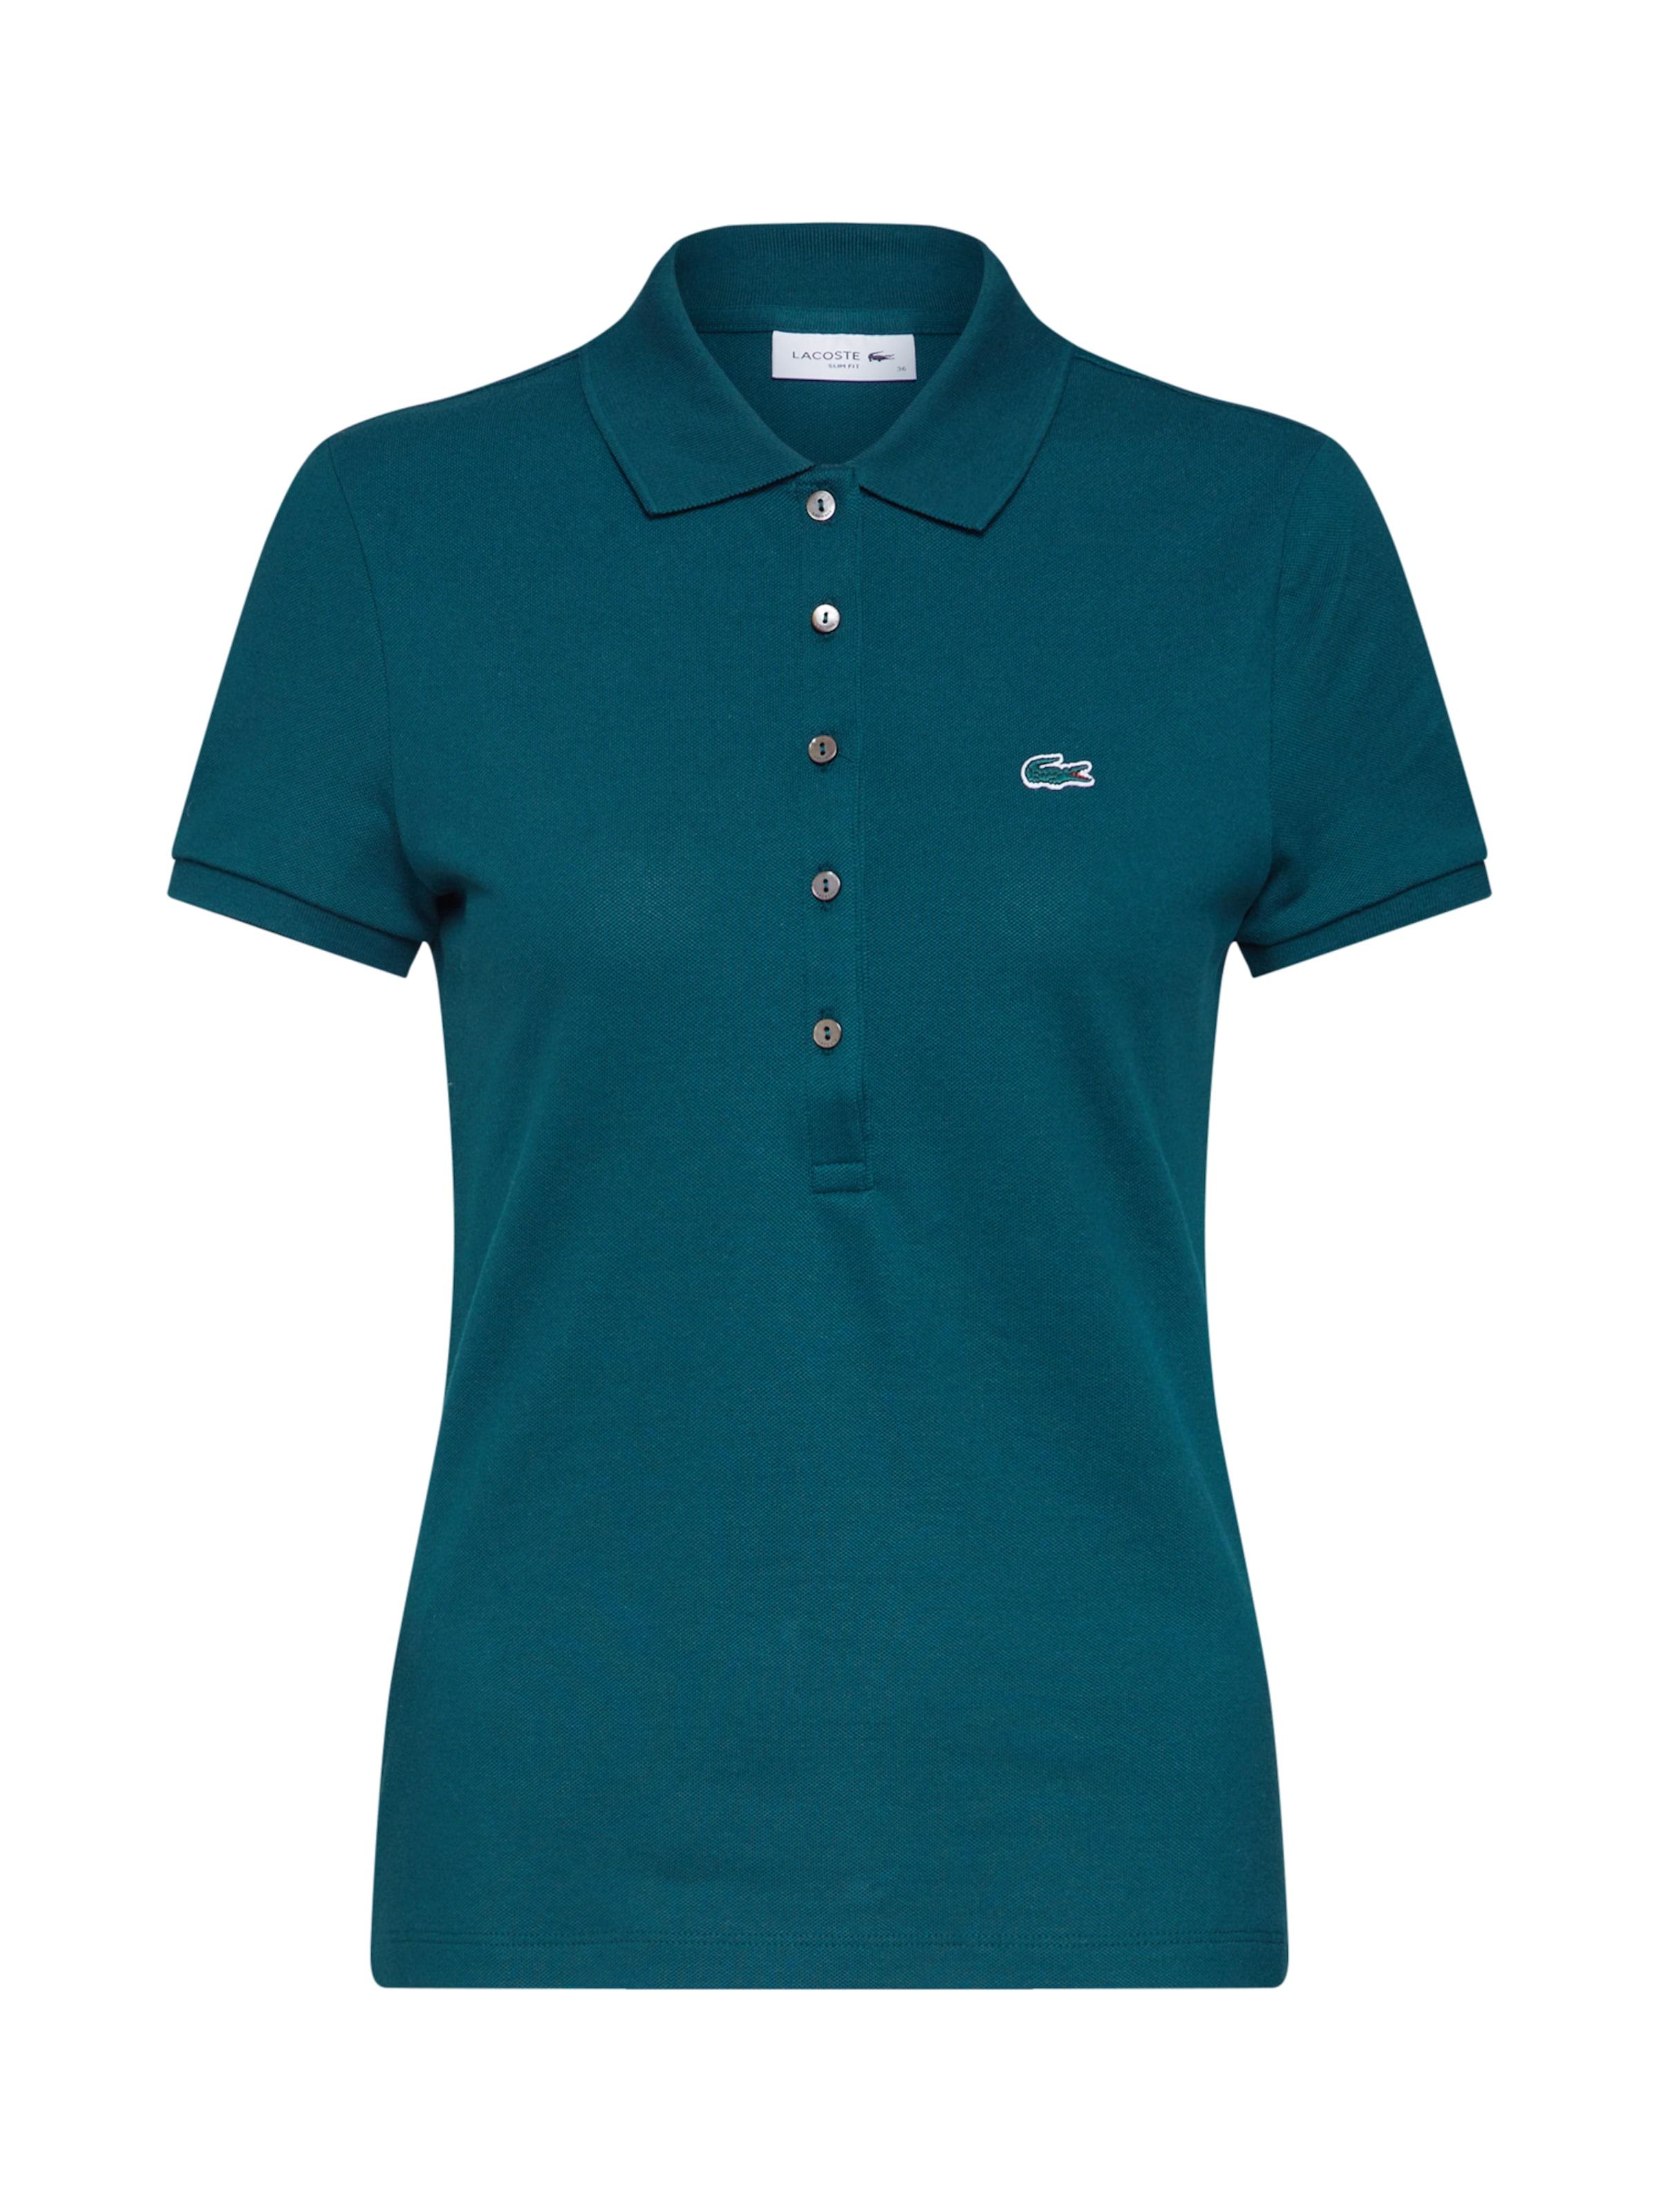 shirt Lacoste En Vert Foncé Bord Ma' cotes T 'chemise Col ZlPiuwOXTk